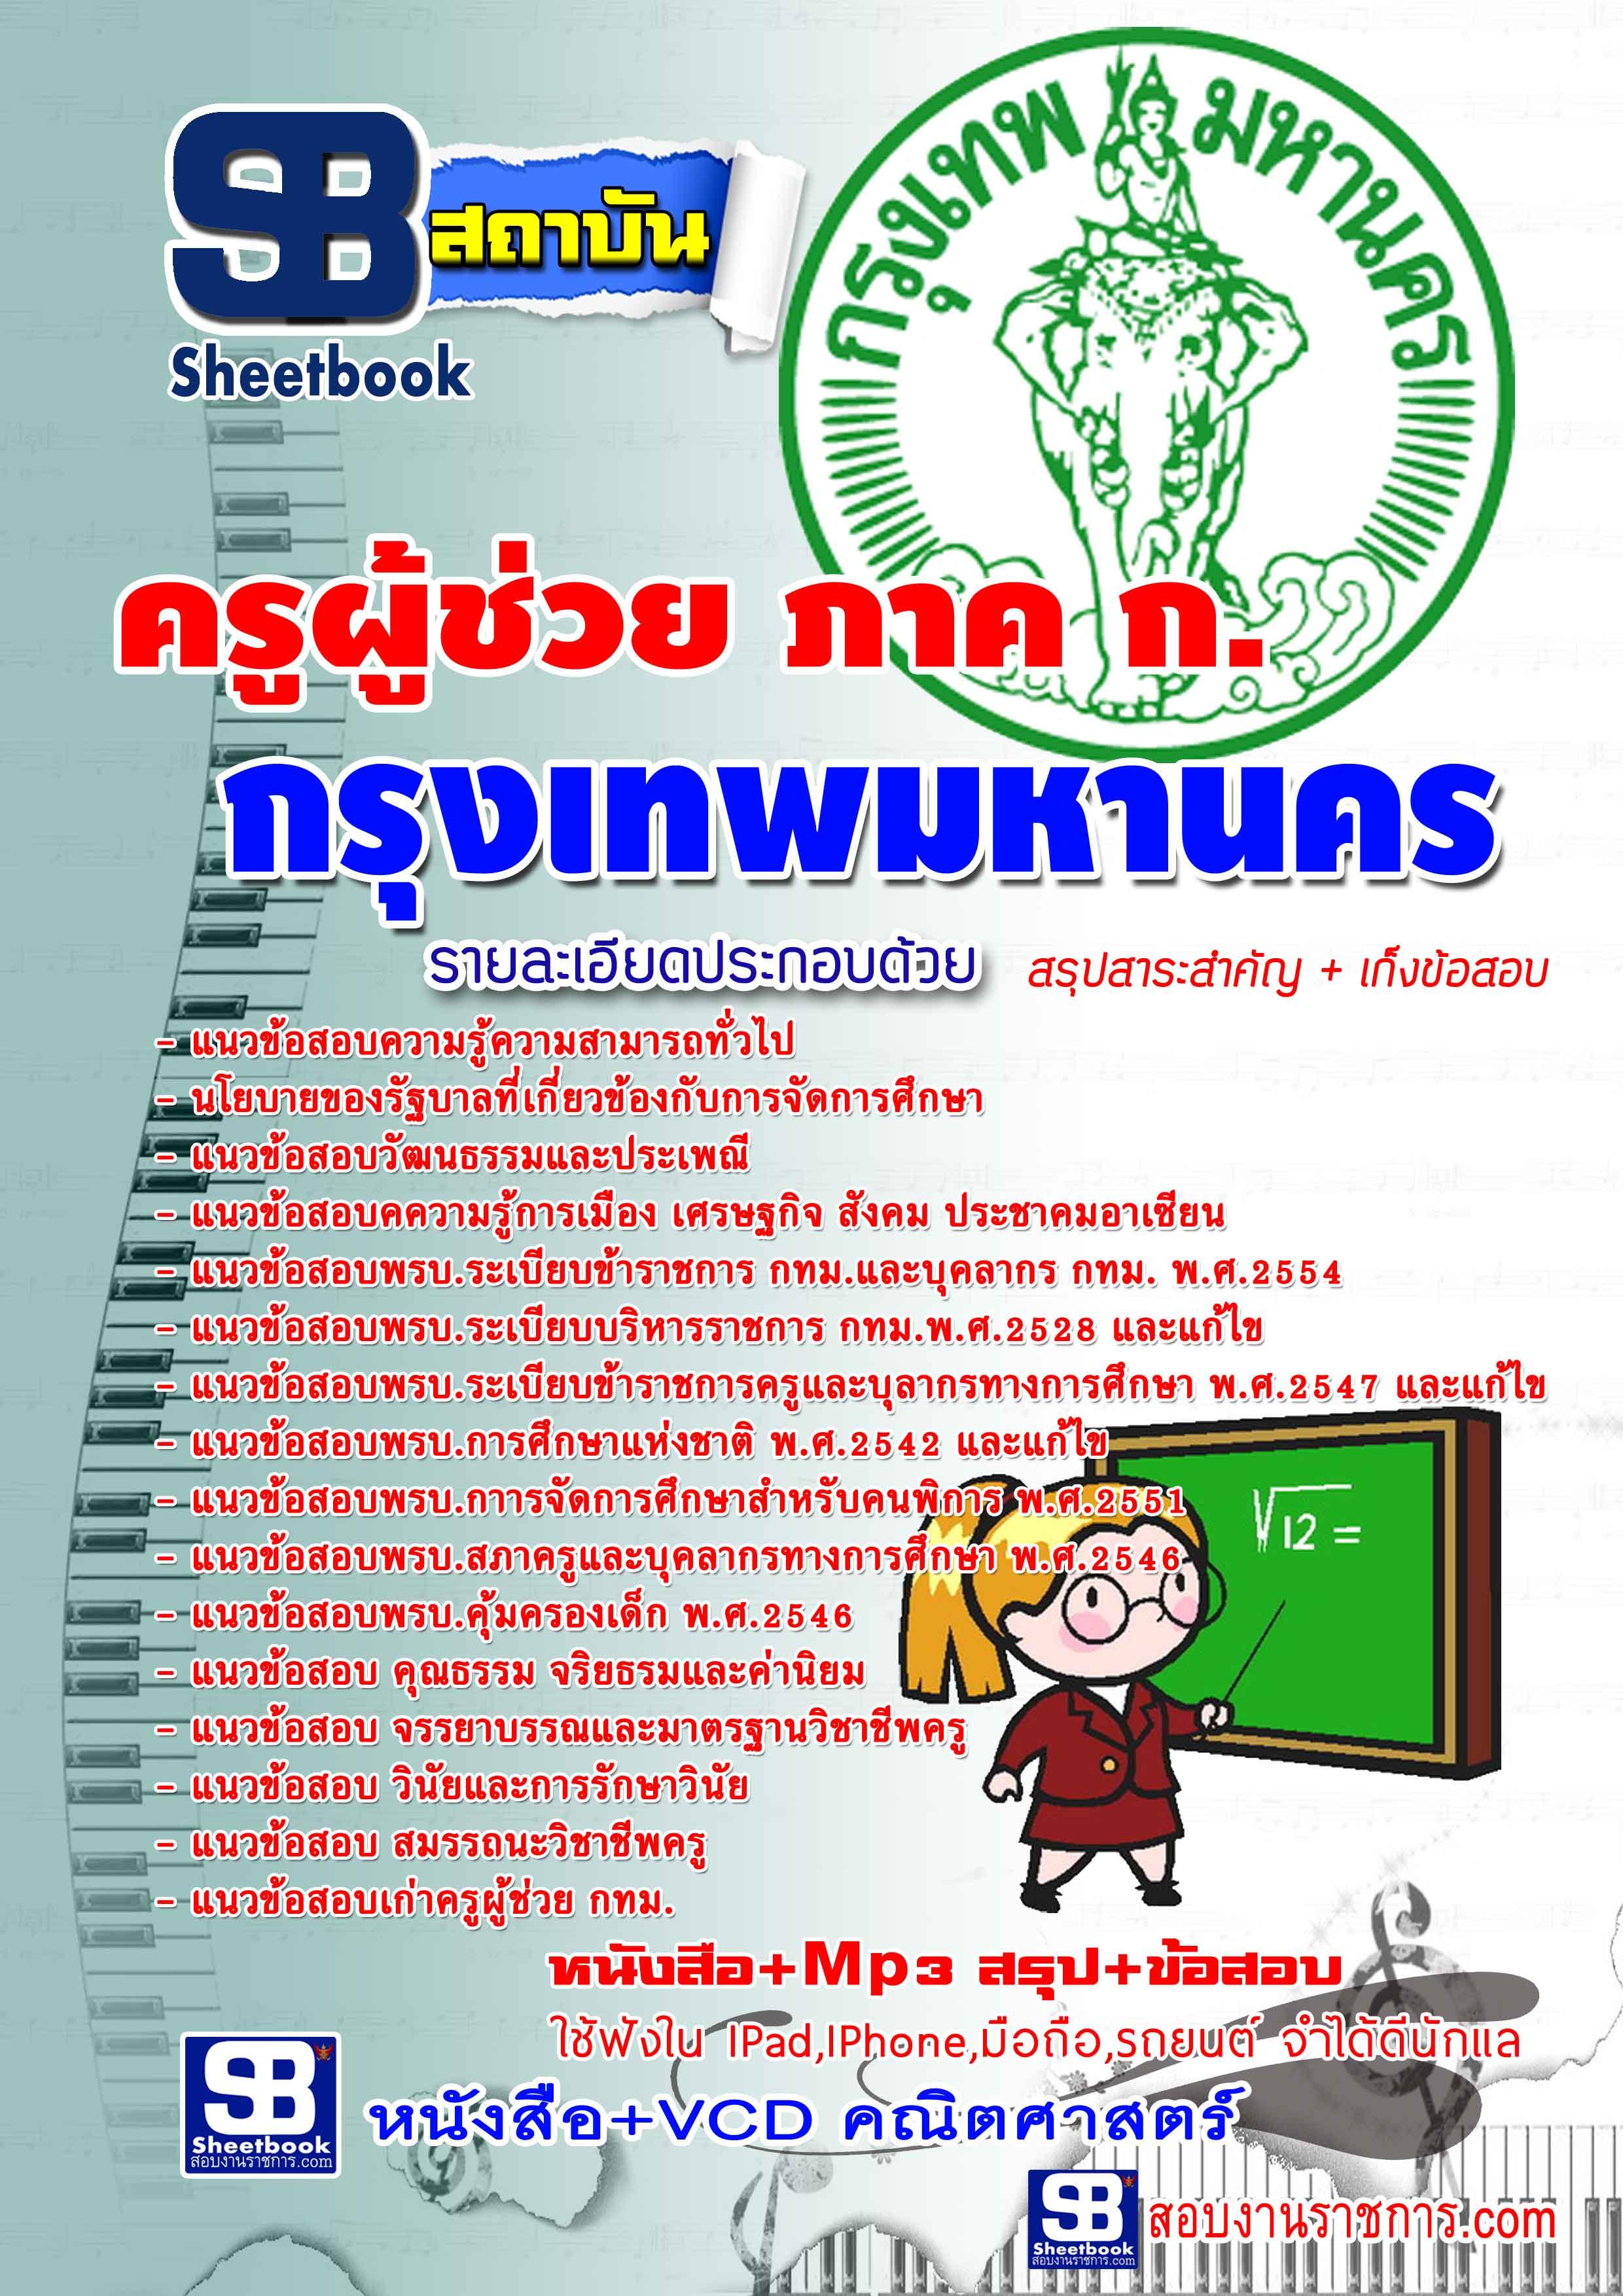 คู่มือสอบ แนวข้อสอบ ครูผู้ช่วย กทม. ภาค ก(หนังสือ+MP3)